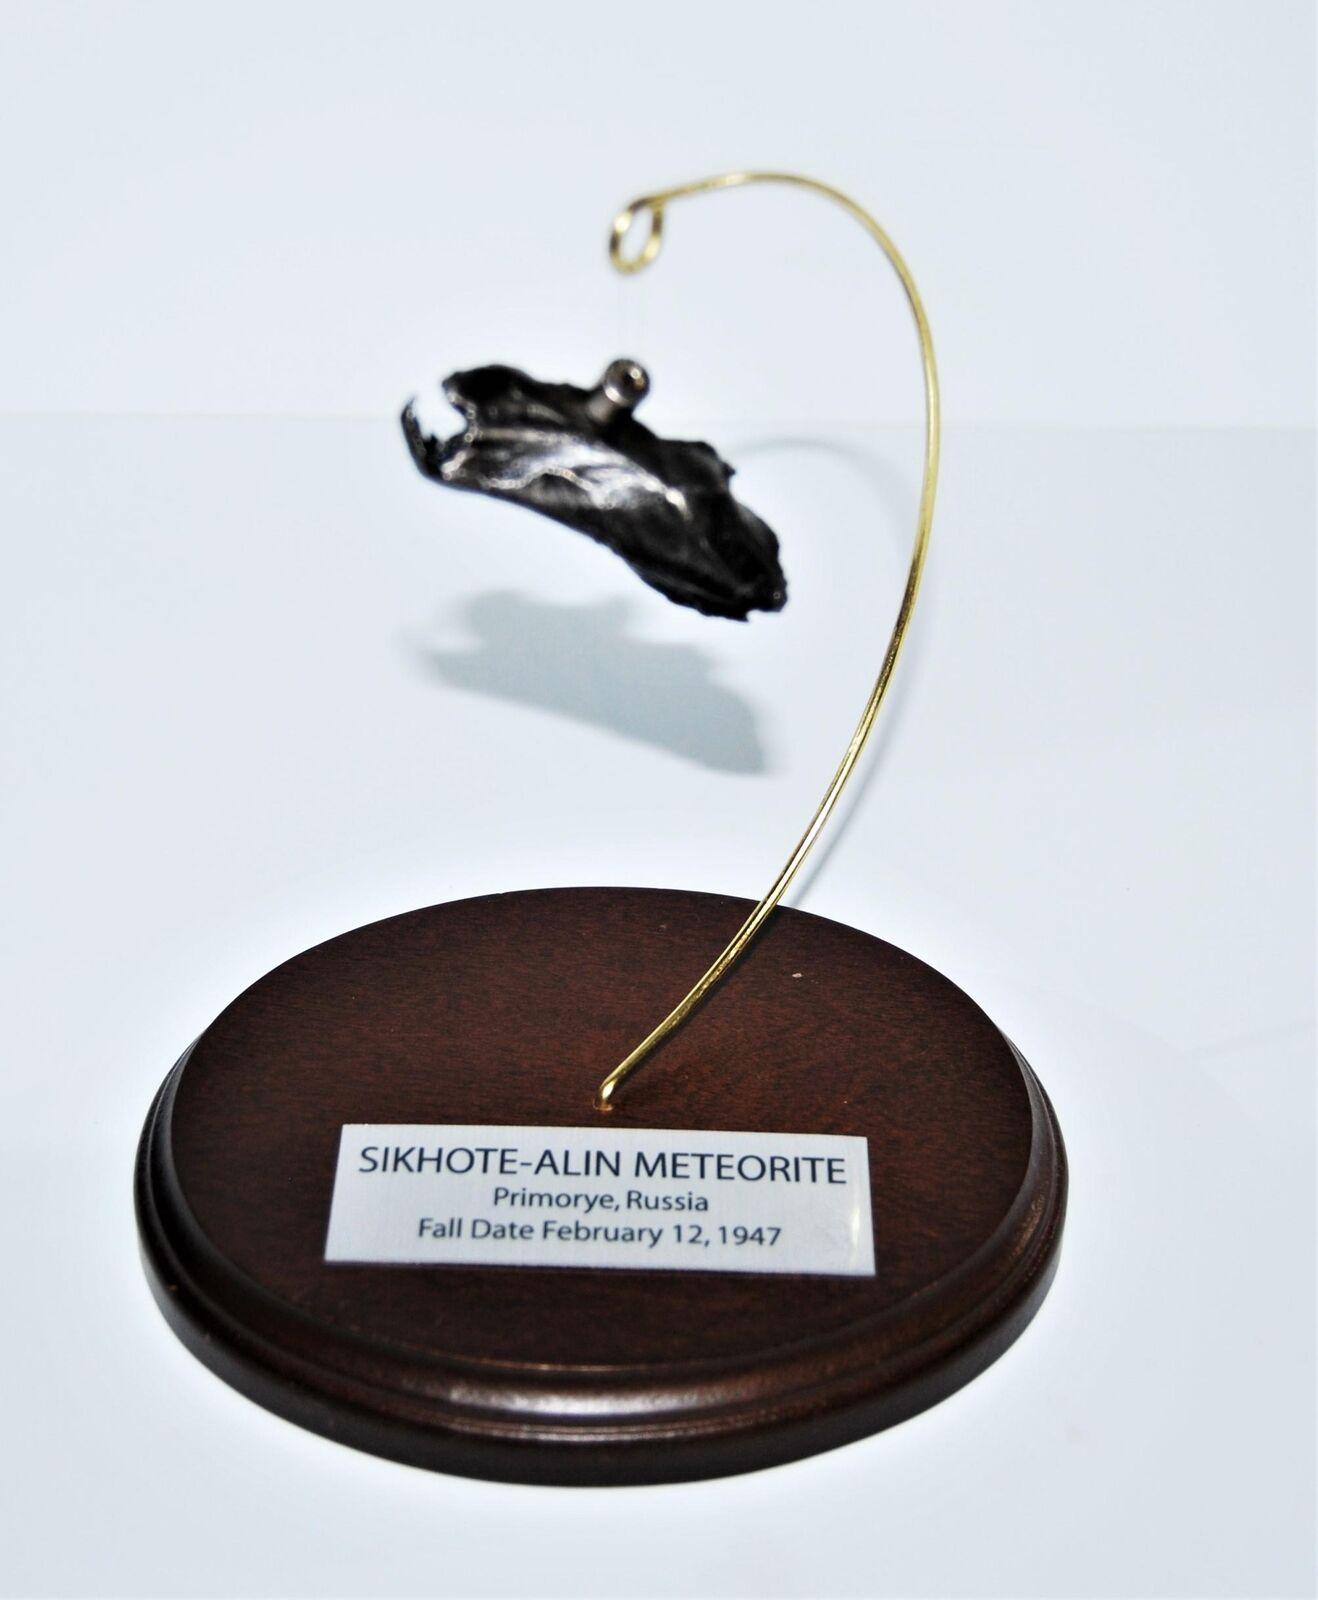 El El El meteorito sikhote - Alin 43.4 GM, con un mueble de madera, etiquetas y coa 35 23.680.14o. 914